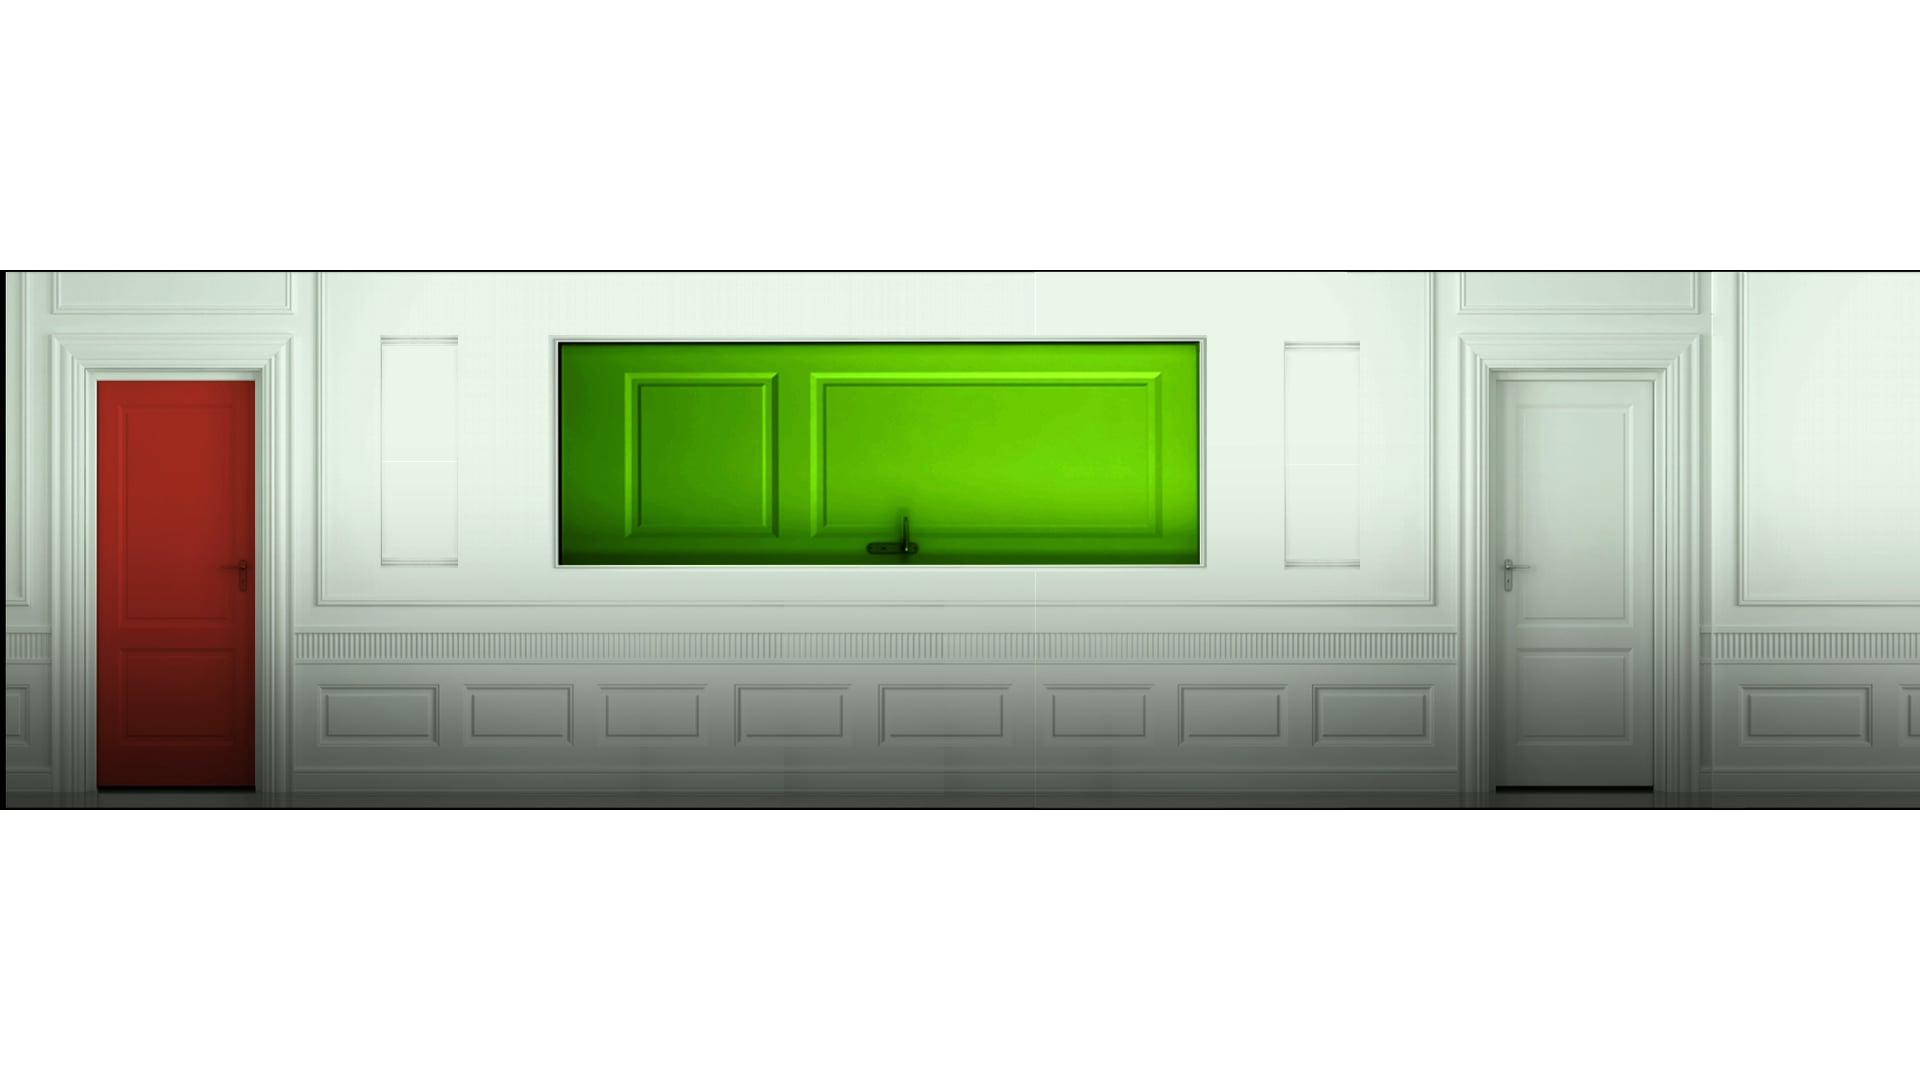 green door 2010